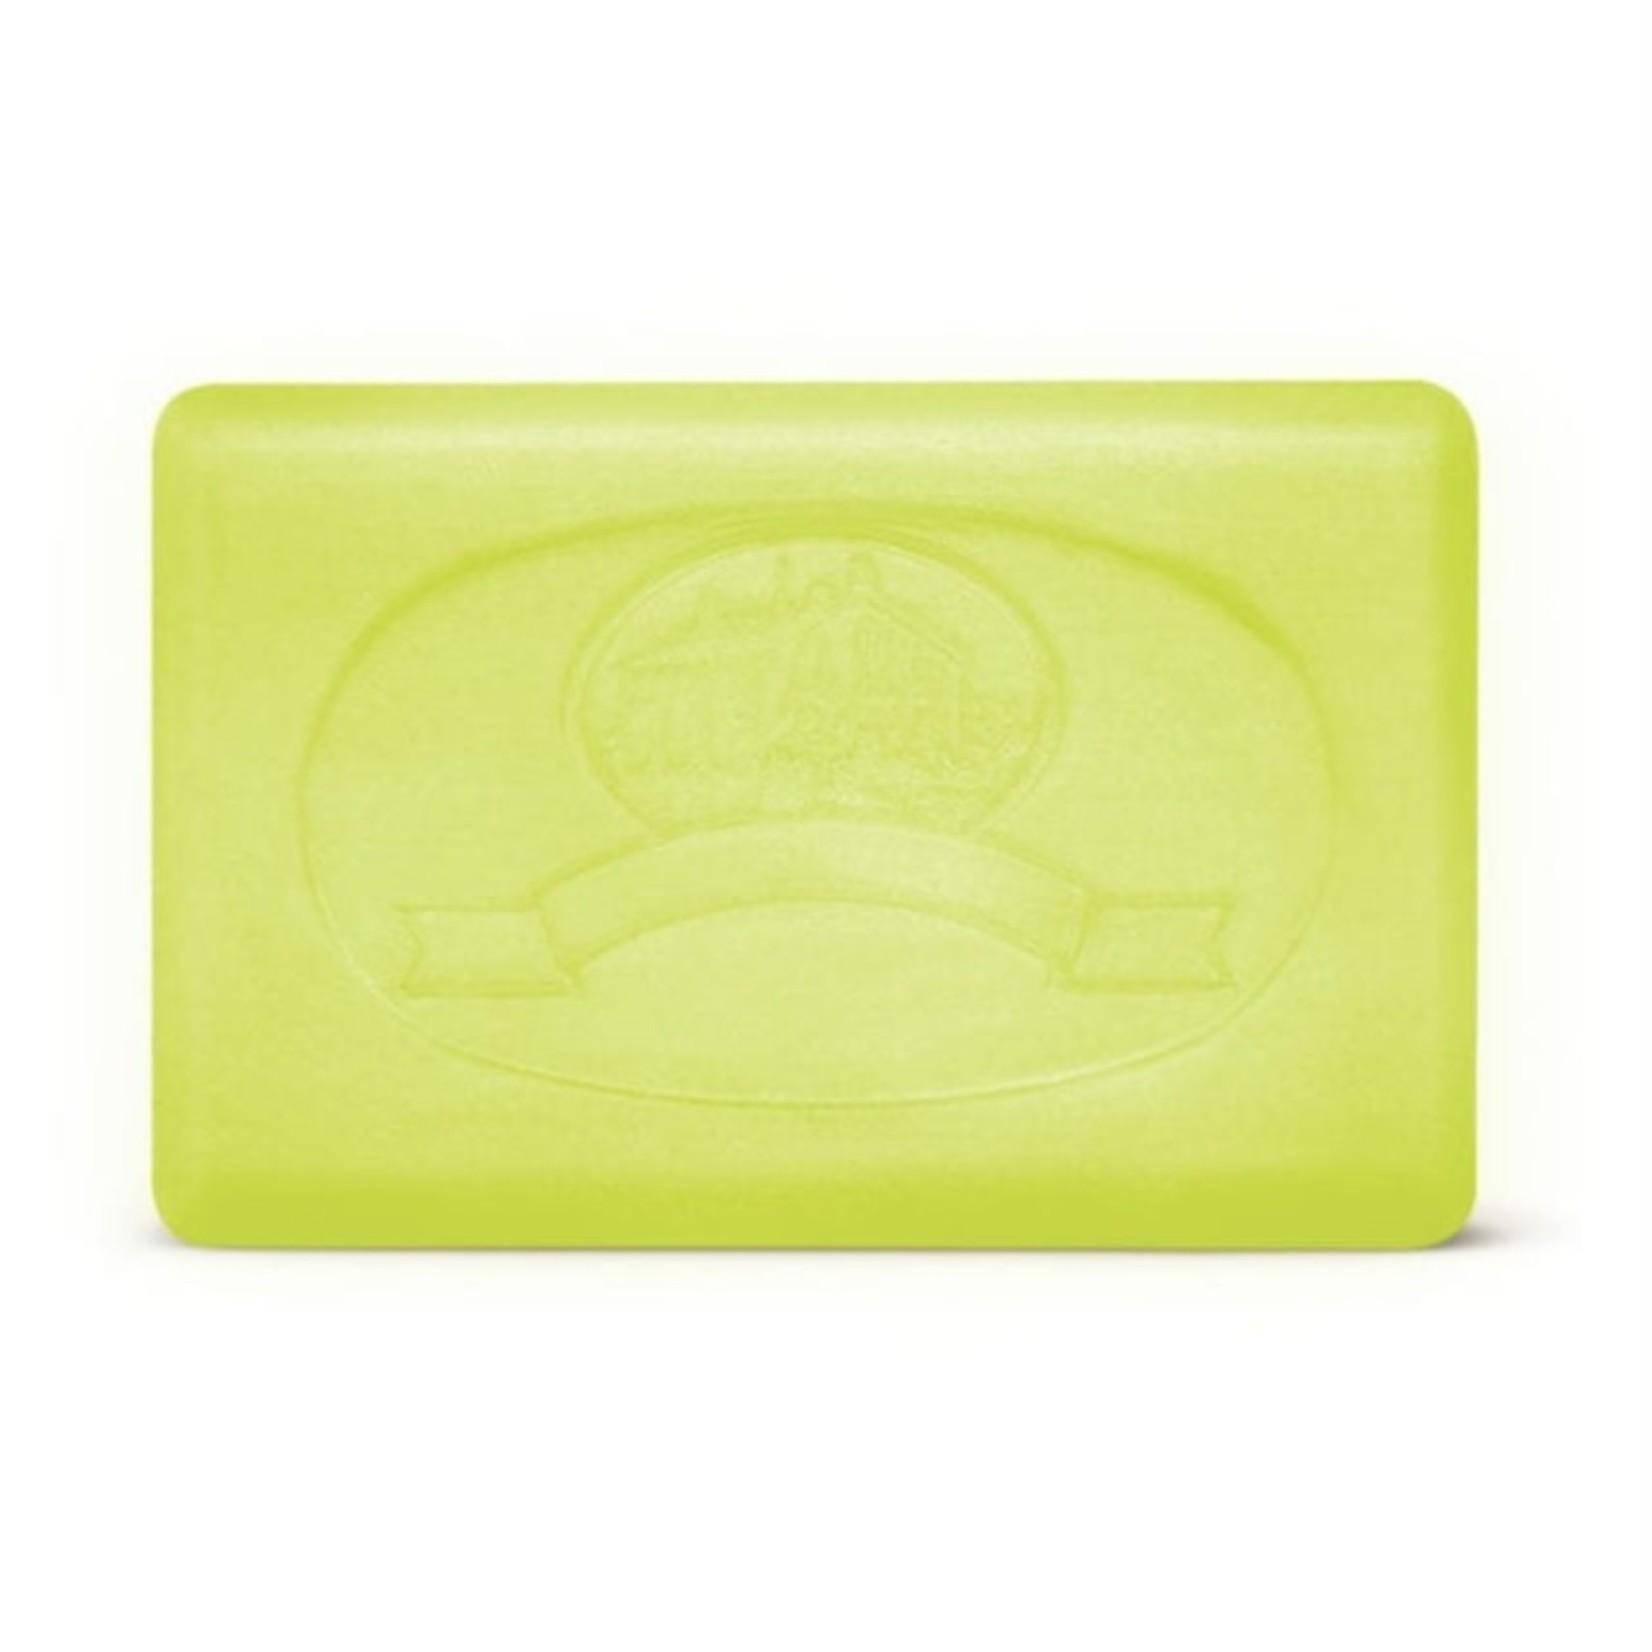 Guelph Soap LemonLime Burst Soap